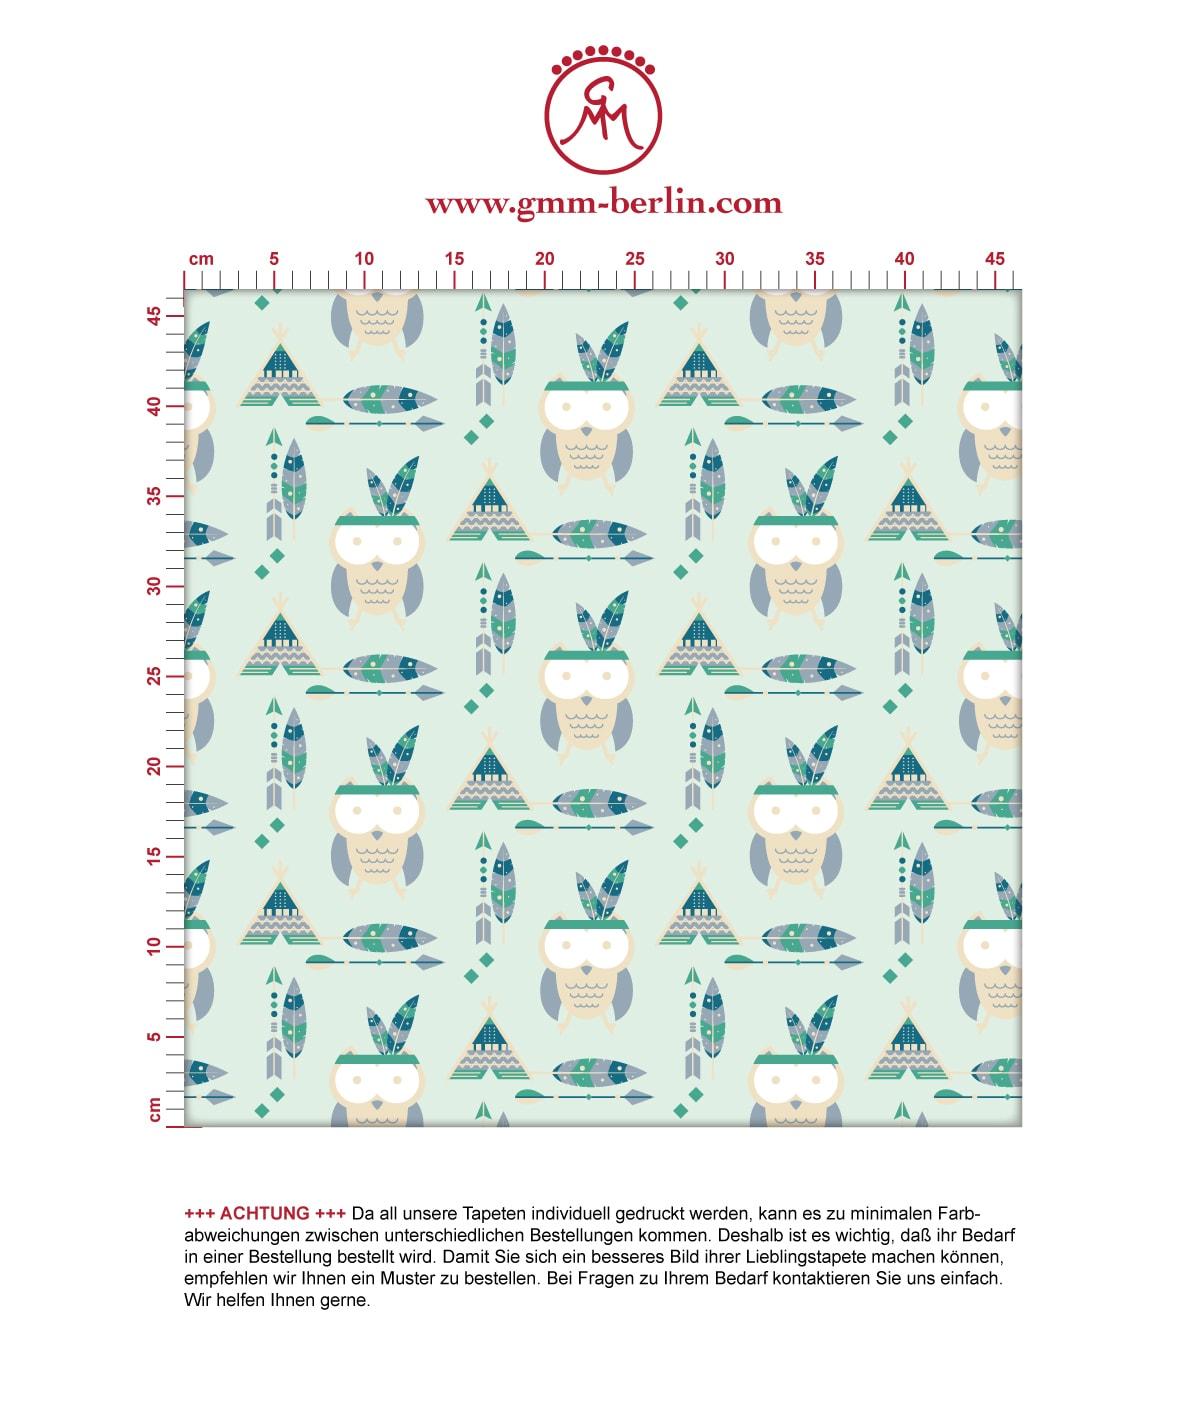 Schöne Kindertapete Indianer Eulen mit Federn in mint, Design Tapete für Babyzimmer. Aus dem GMM-BERLIN.com Sortiment: Schöne Tapeten in der Farbe: grün